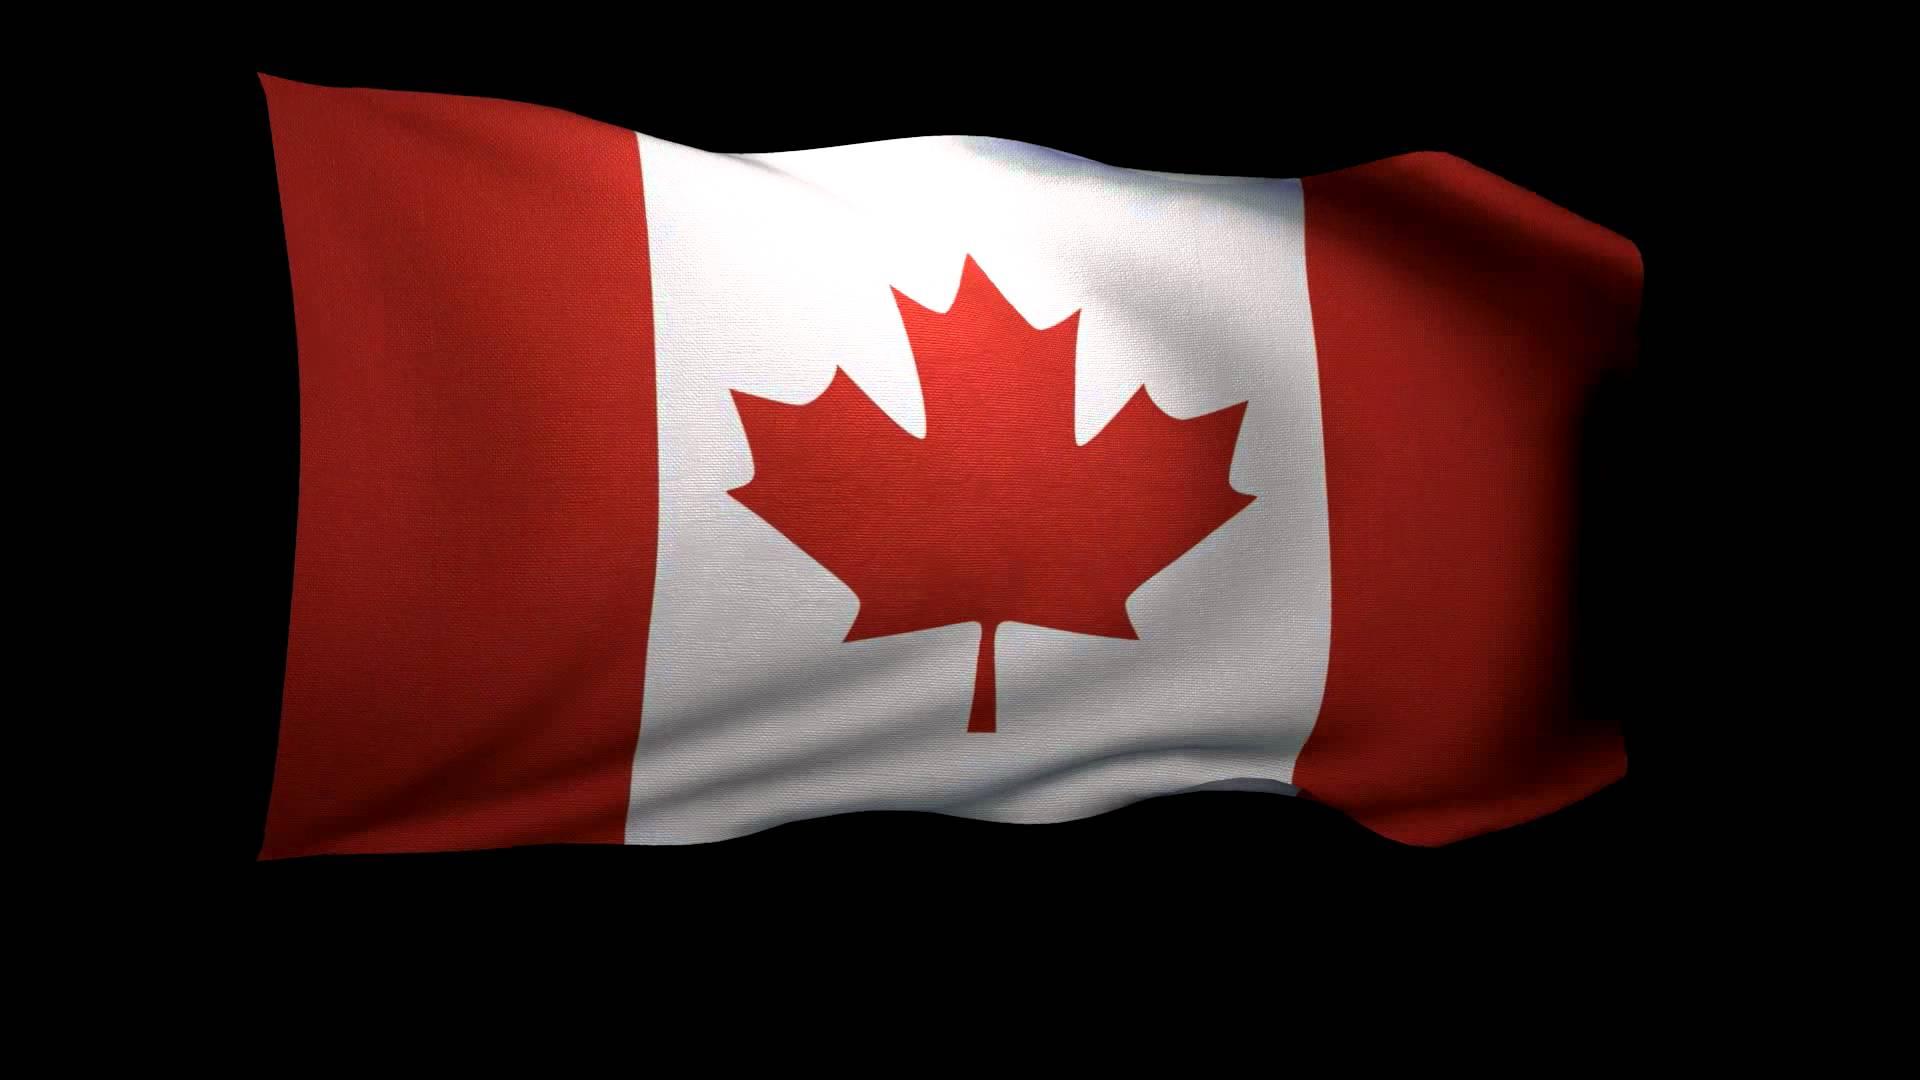 канадский флаг фото привлекательная девушка